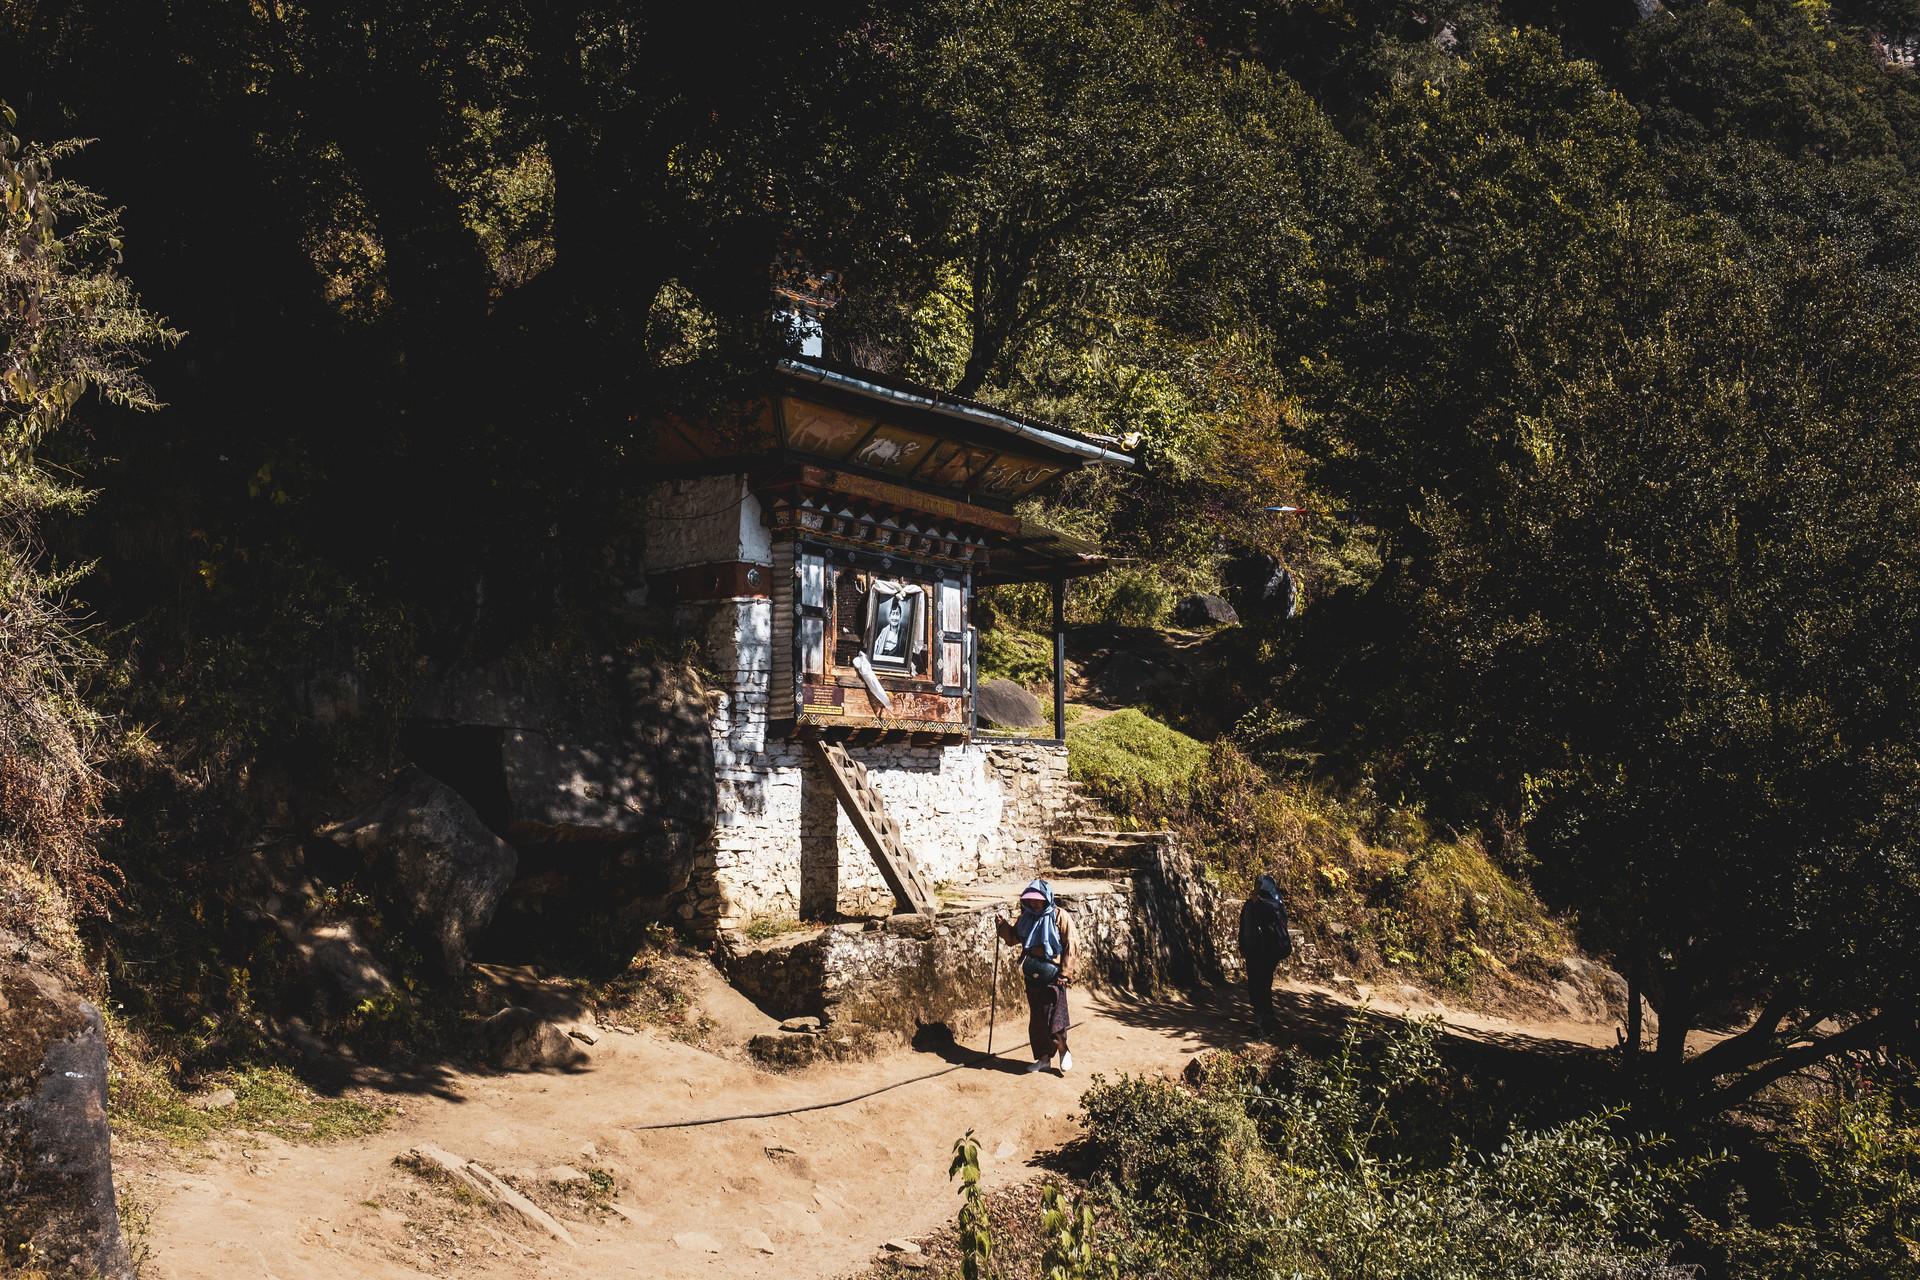 bhutan-163940.jpg